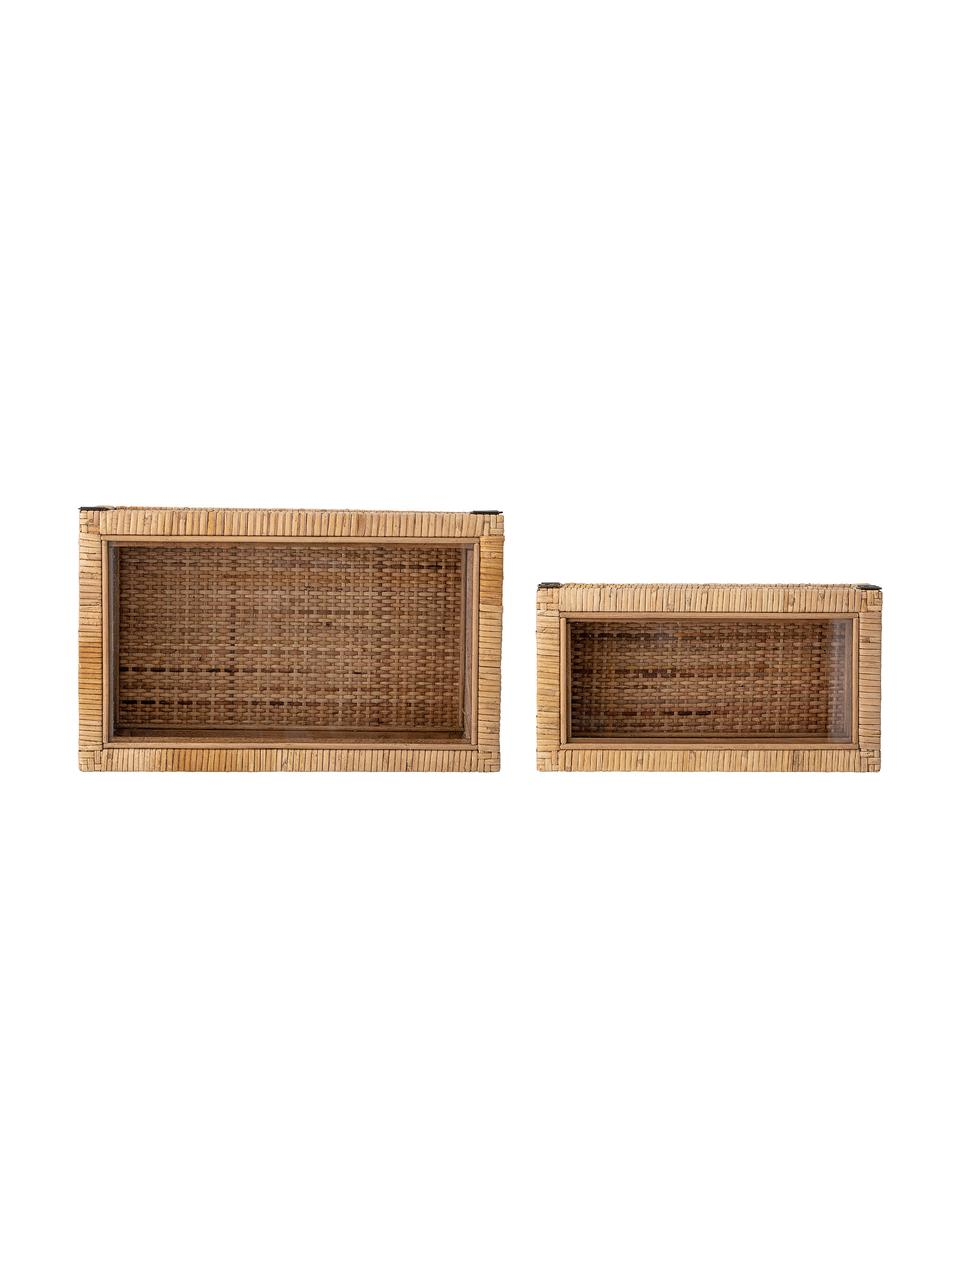 Schmuckboxen-Set Talina, 2-tlg., Box: Rattan, Holz, Deckel: Glas, Braun, Set mit verschiedenen Größen